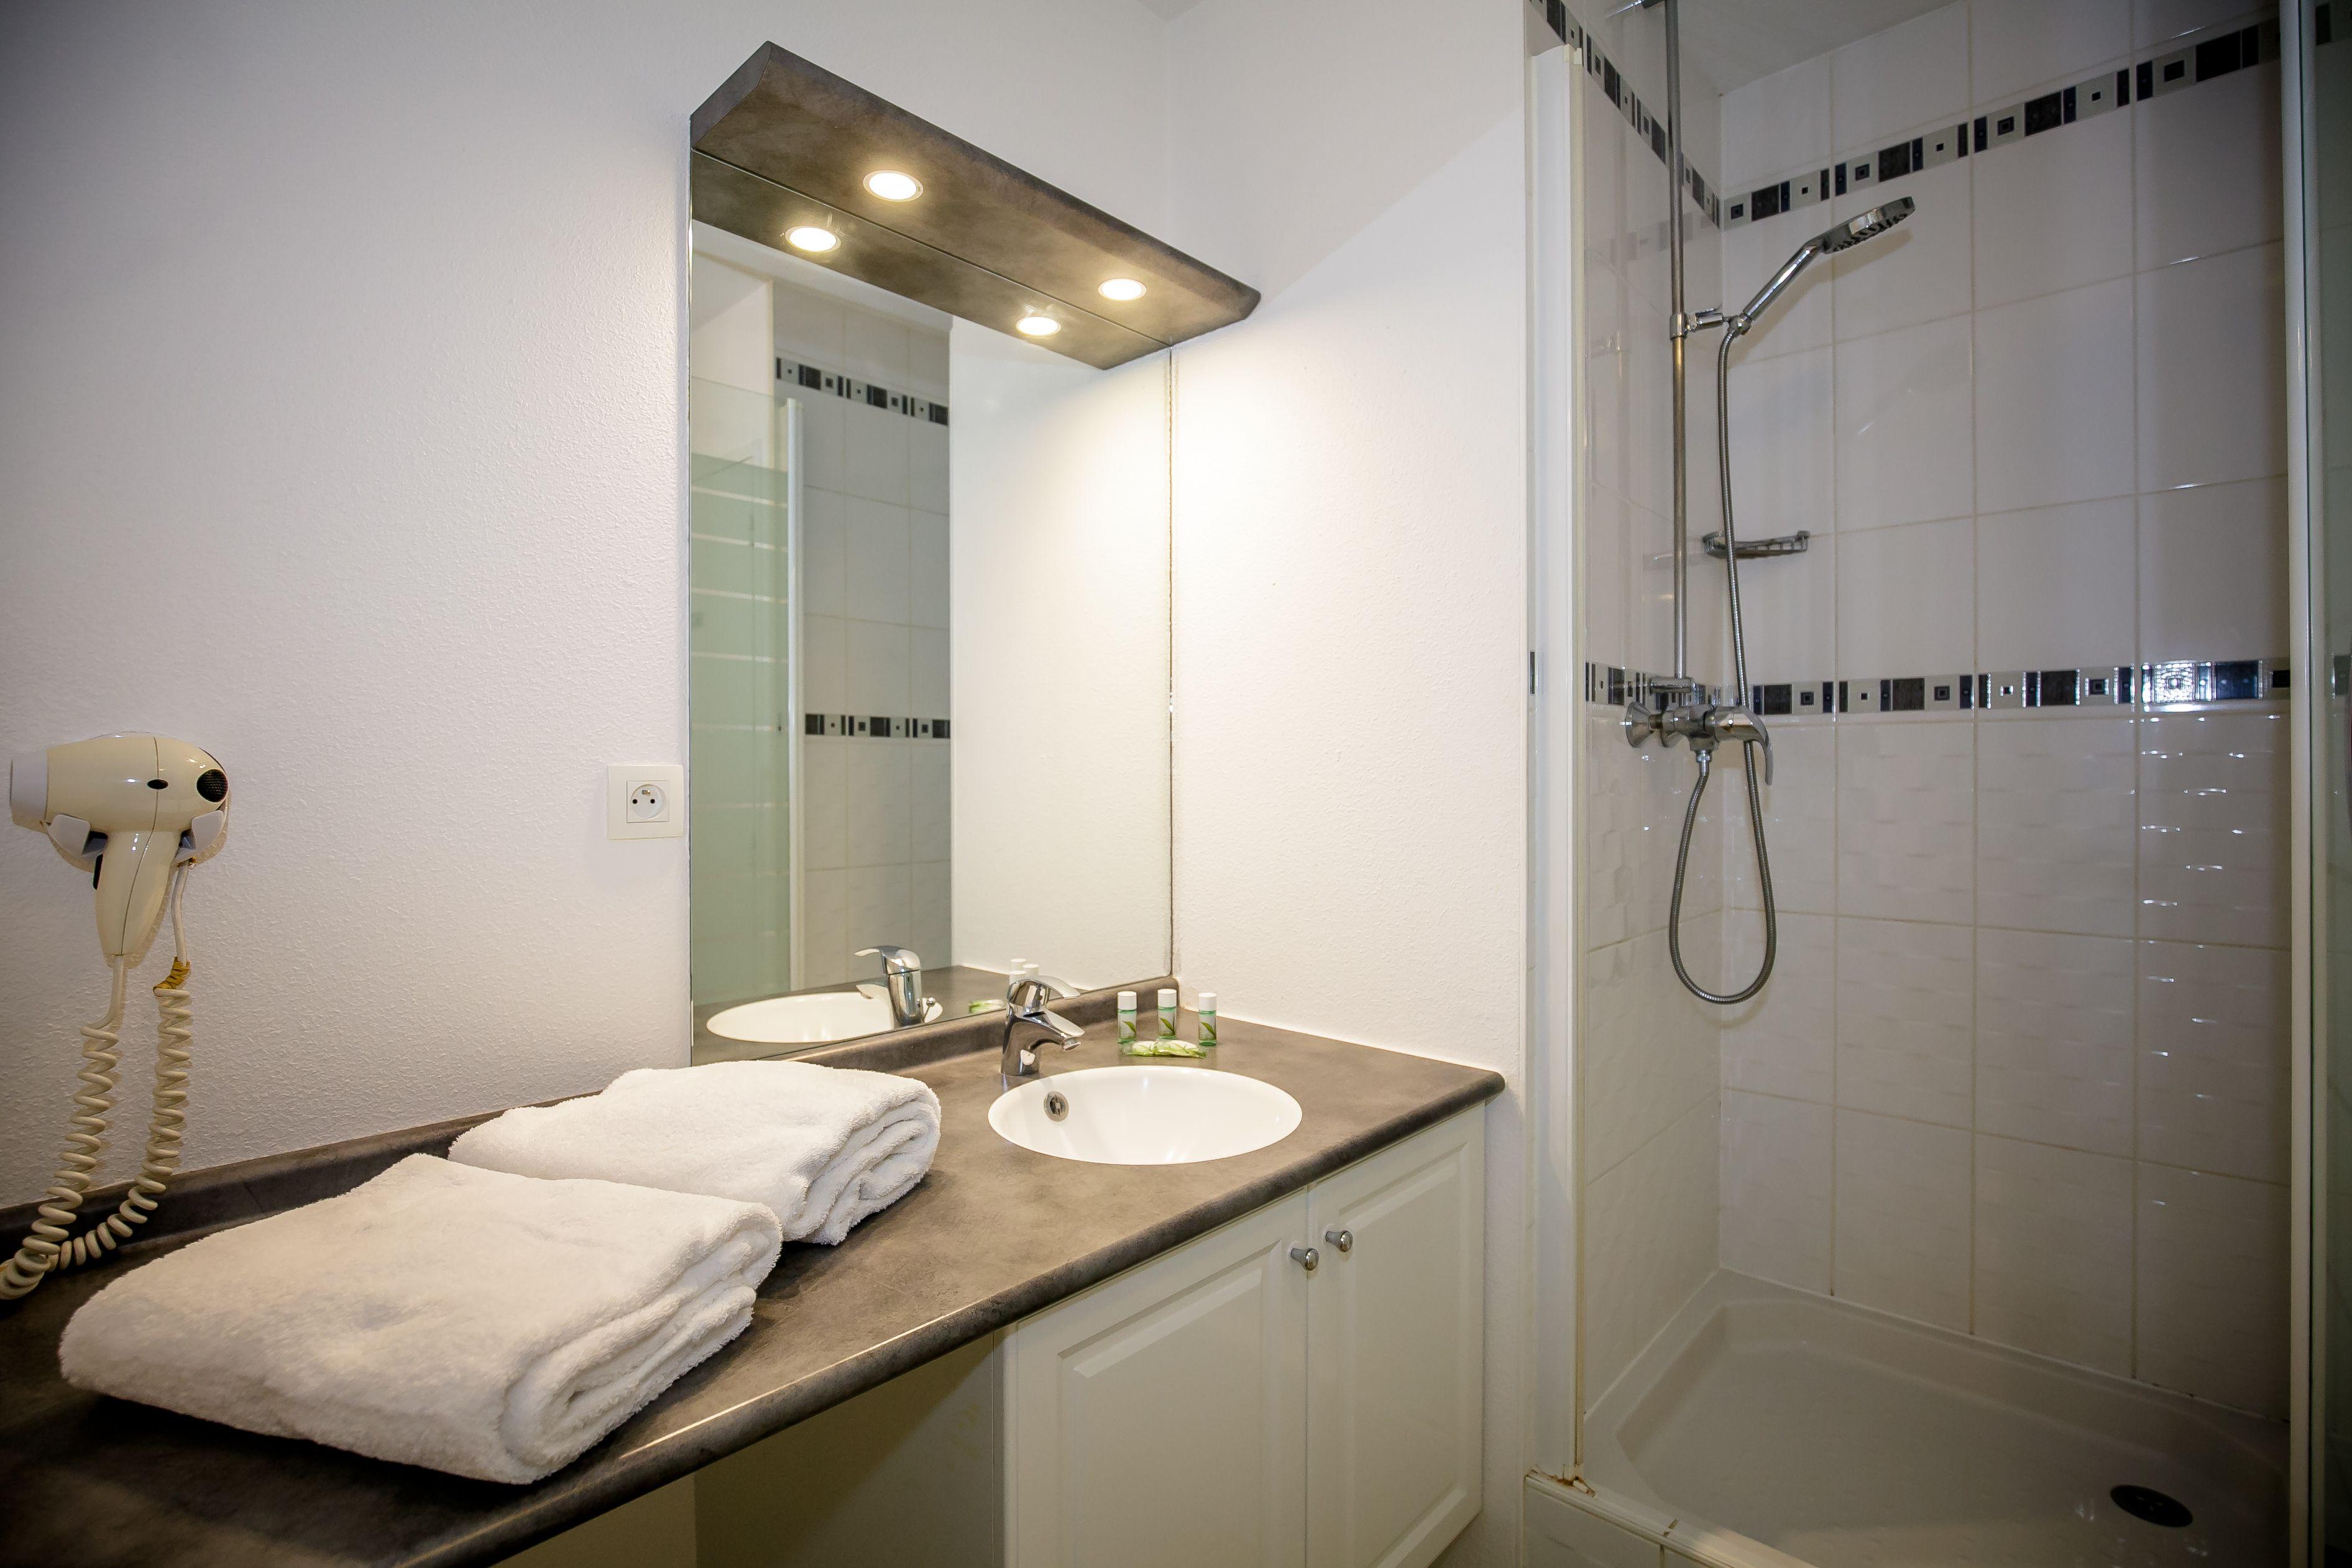 Salle De Bain Appart Hotel Vannes Salle De Bain Appartement Bains